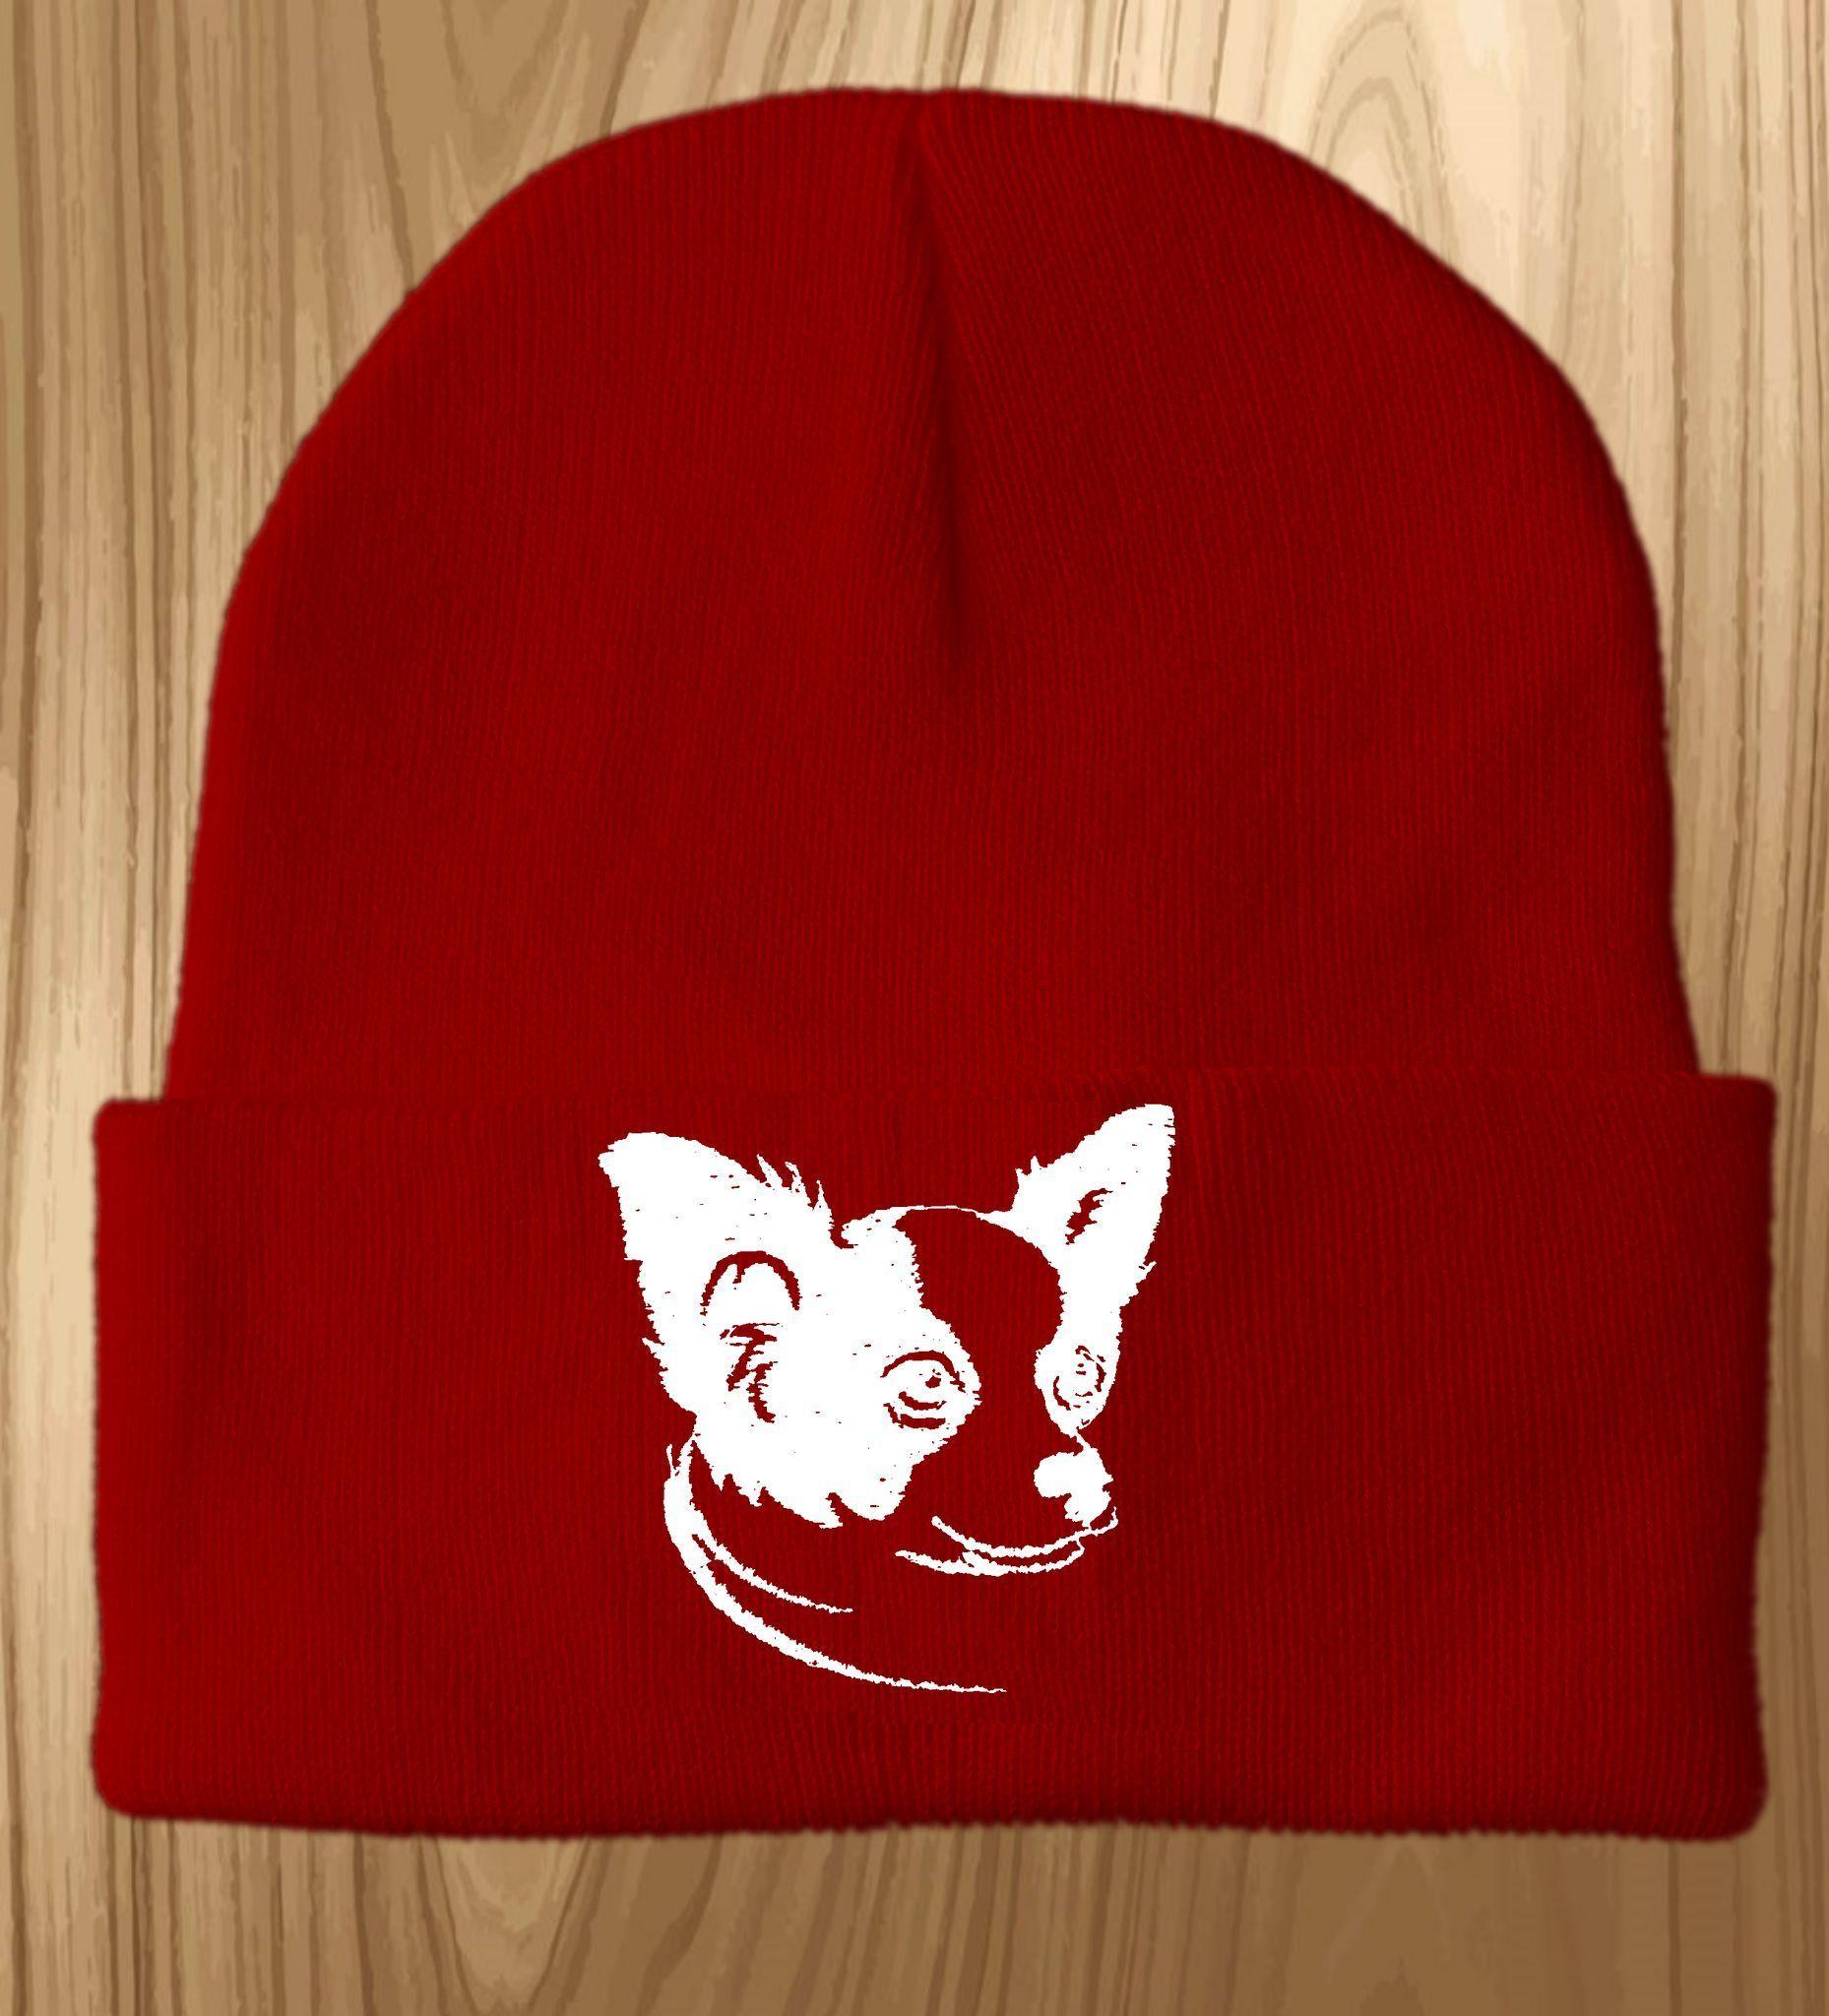 fb93bf190b0 Chihuahua Knit Ski Ha  chihuahua Knit Ski Hat